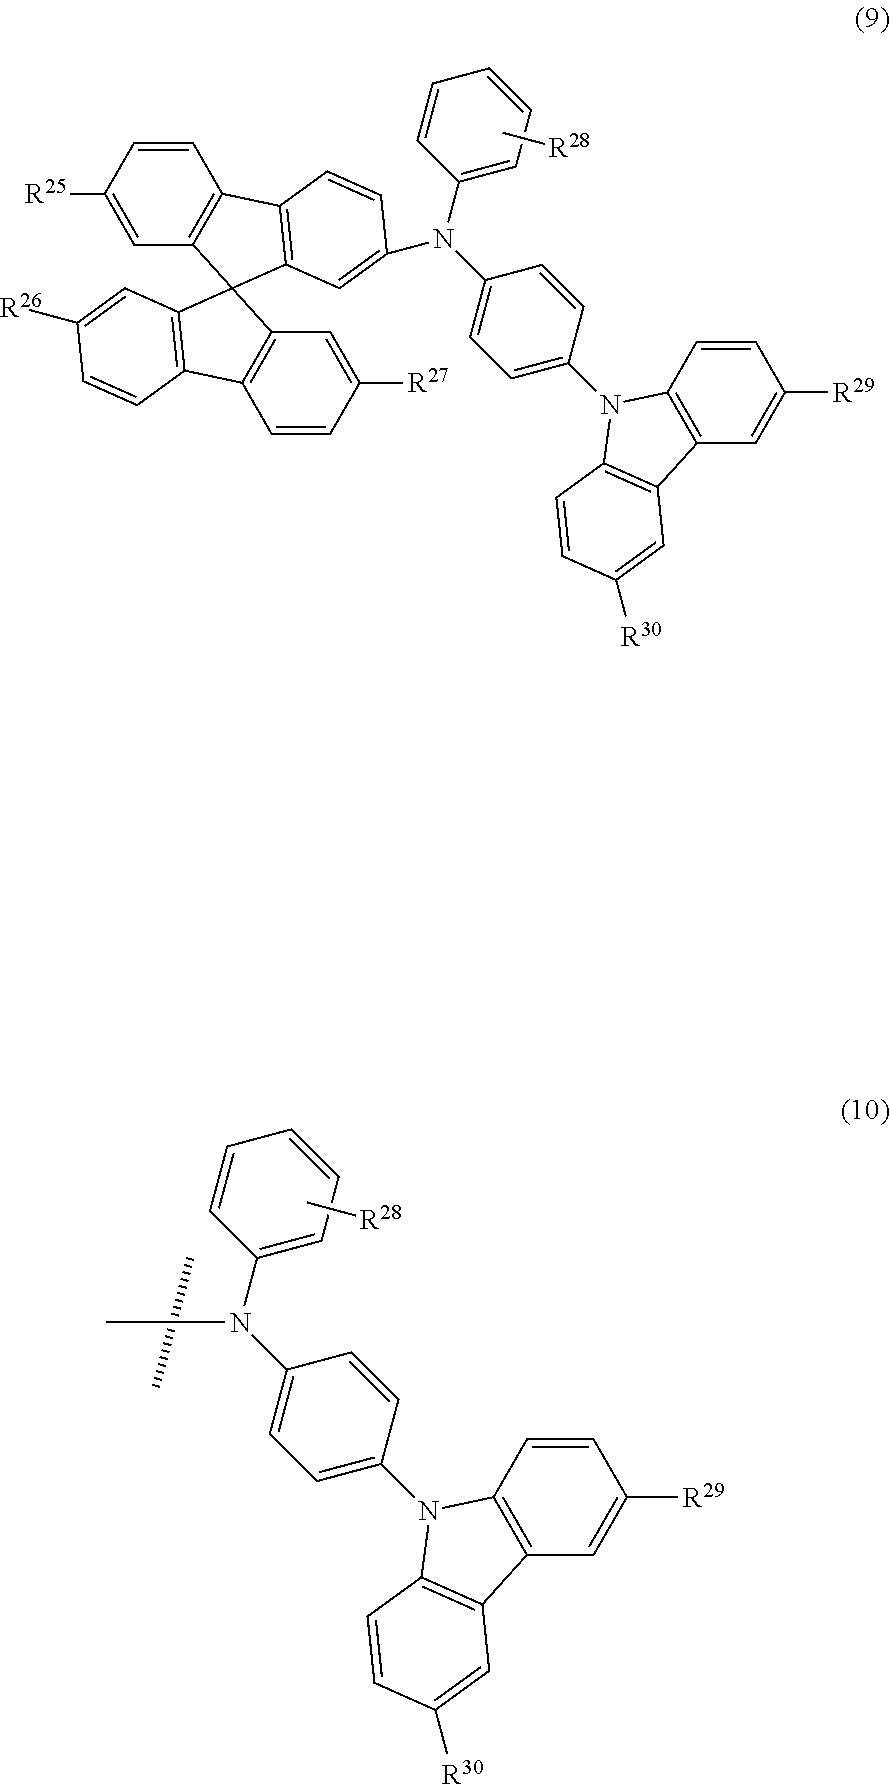 Figure US09548457-20170117-C00006